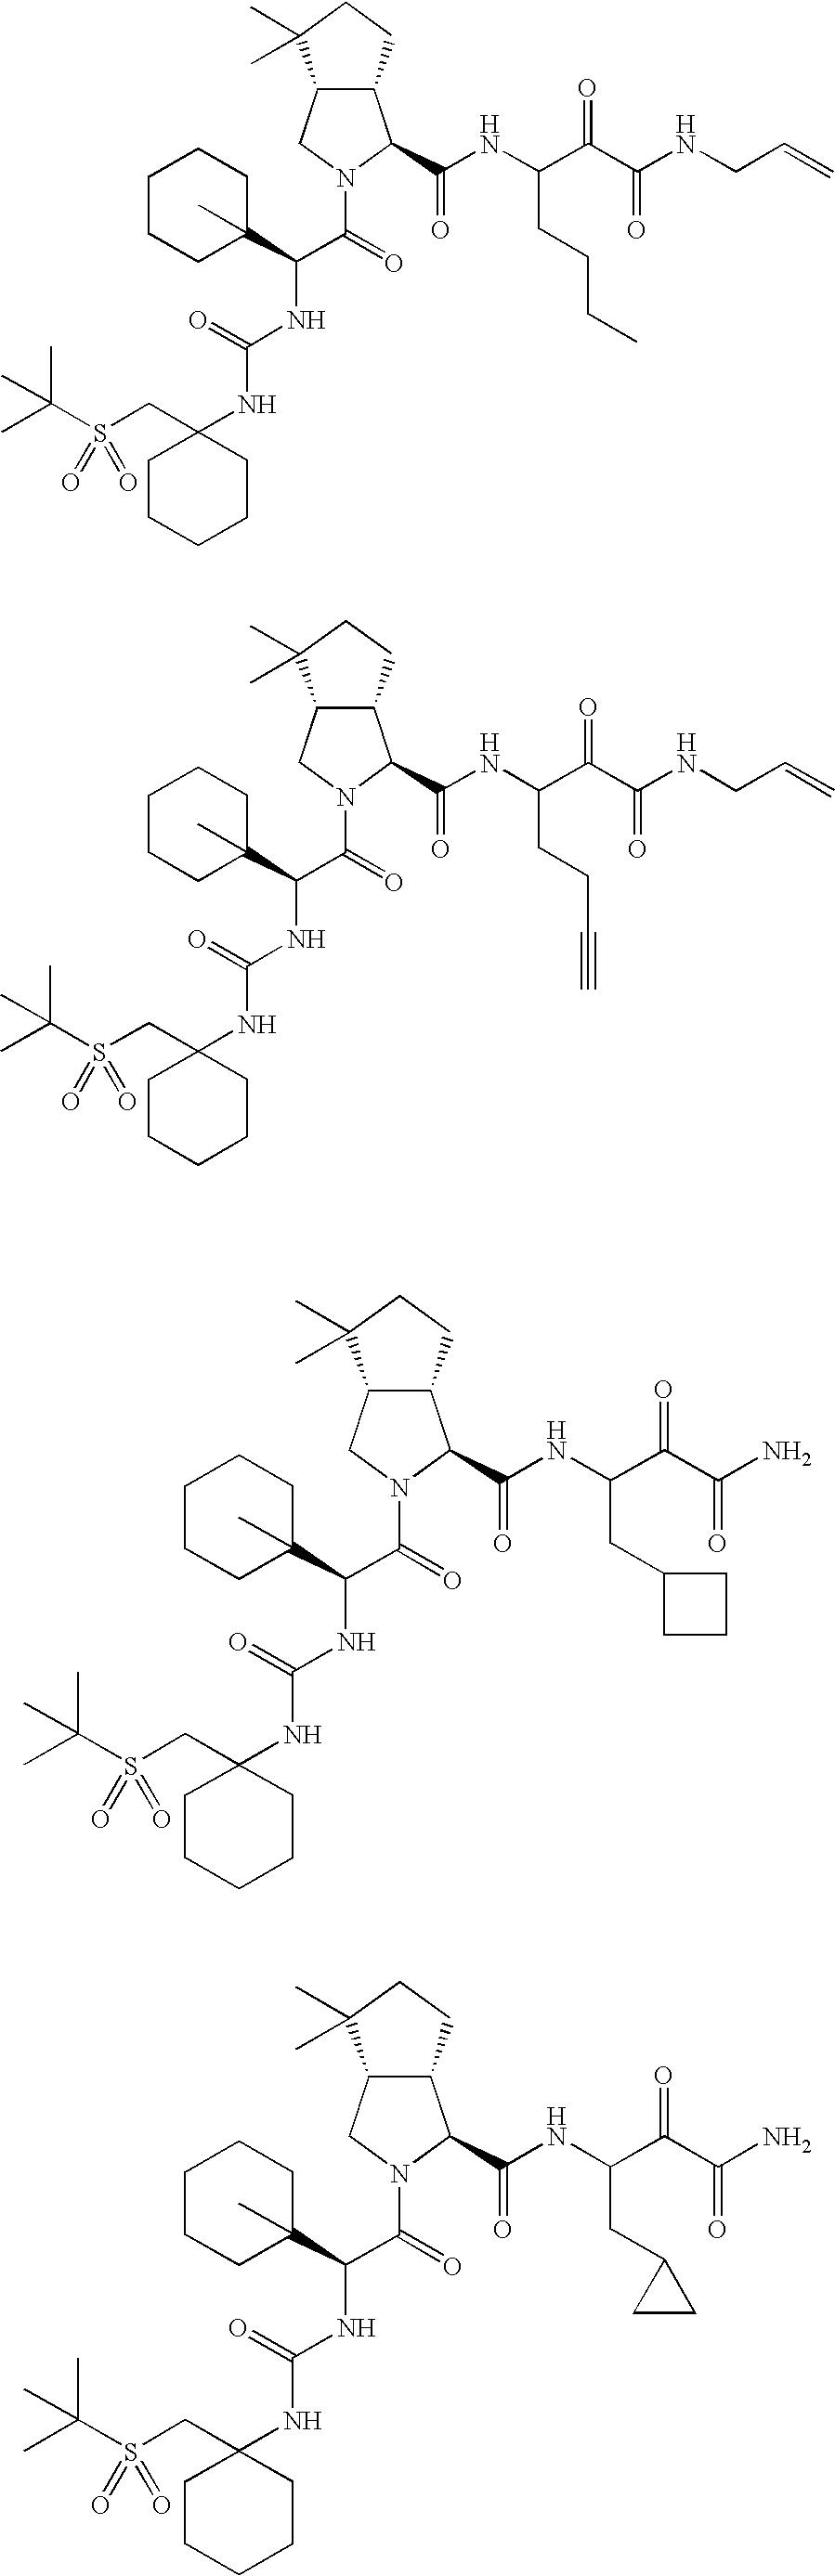 Figure US20060287248A1-20061221-C00522